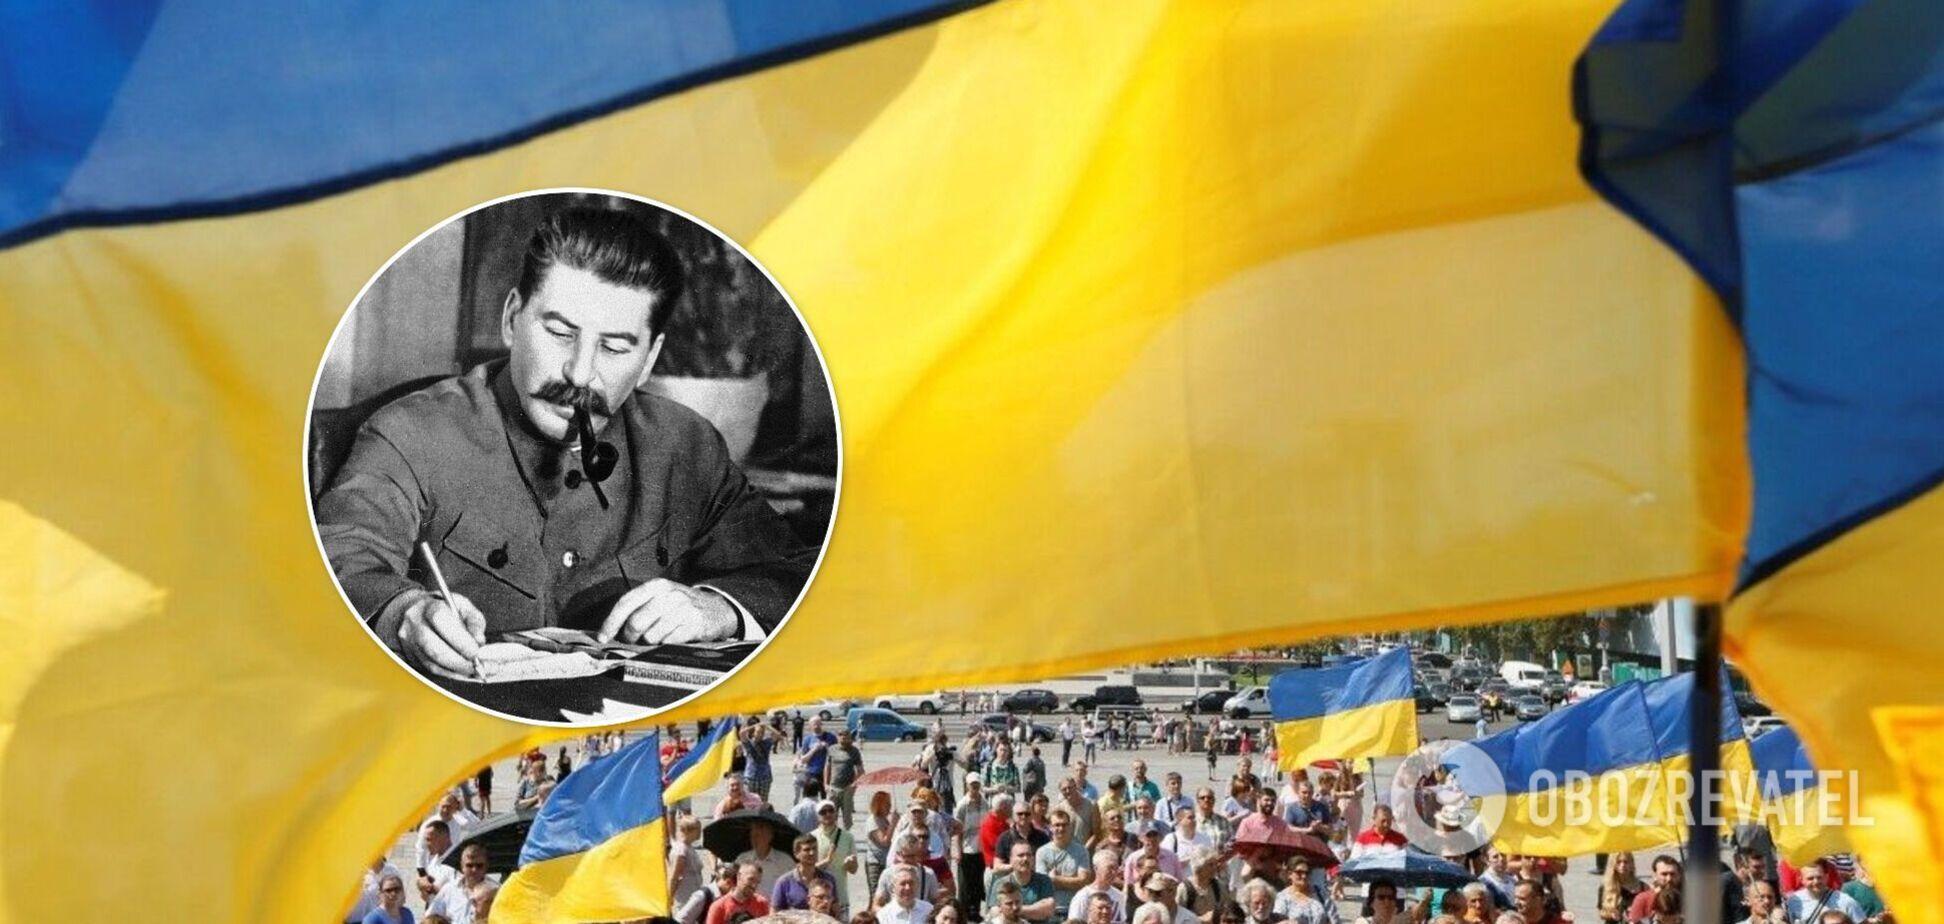 Сталін потрапив в топ10 'найбільш ідеальних' політиків у українців – опитування